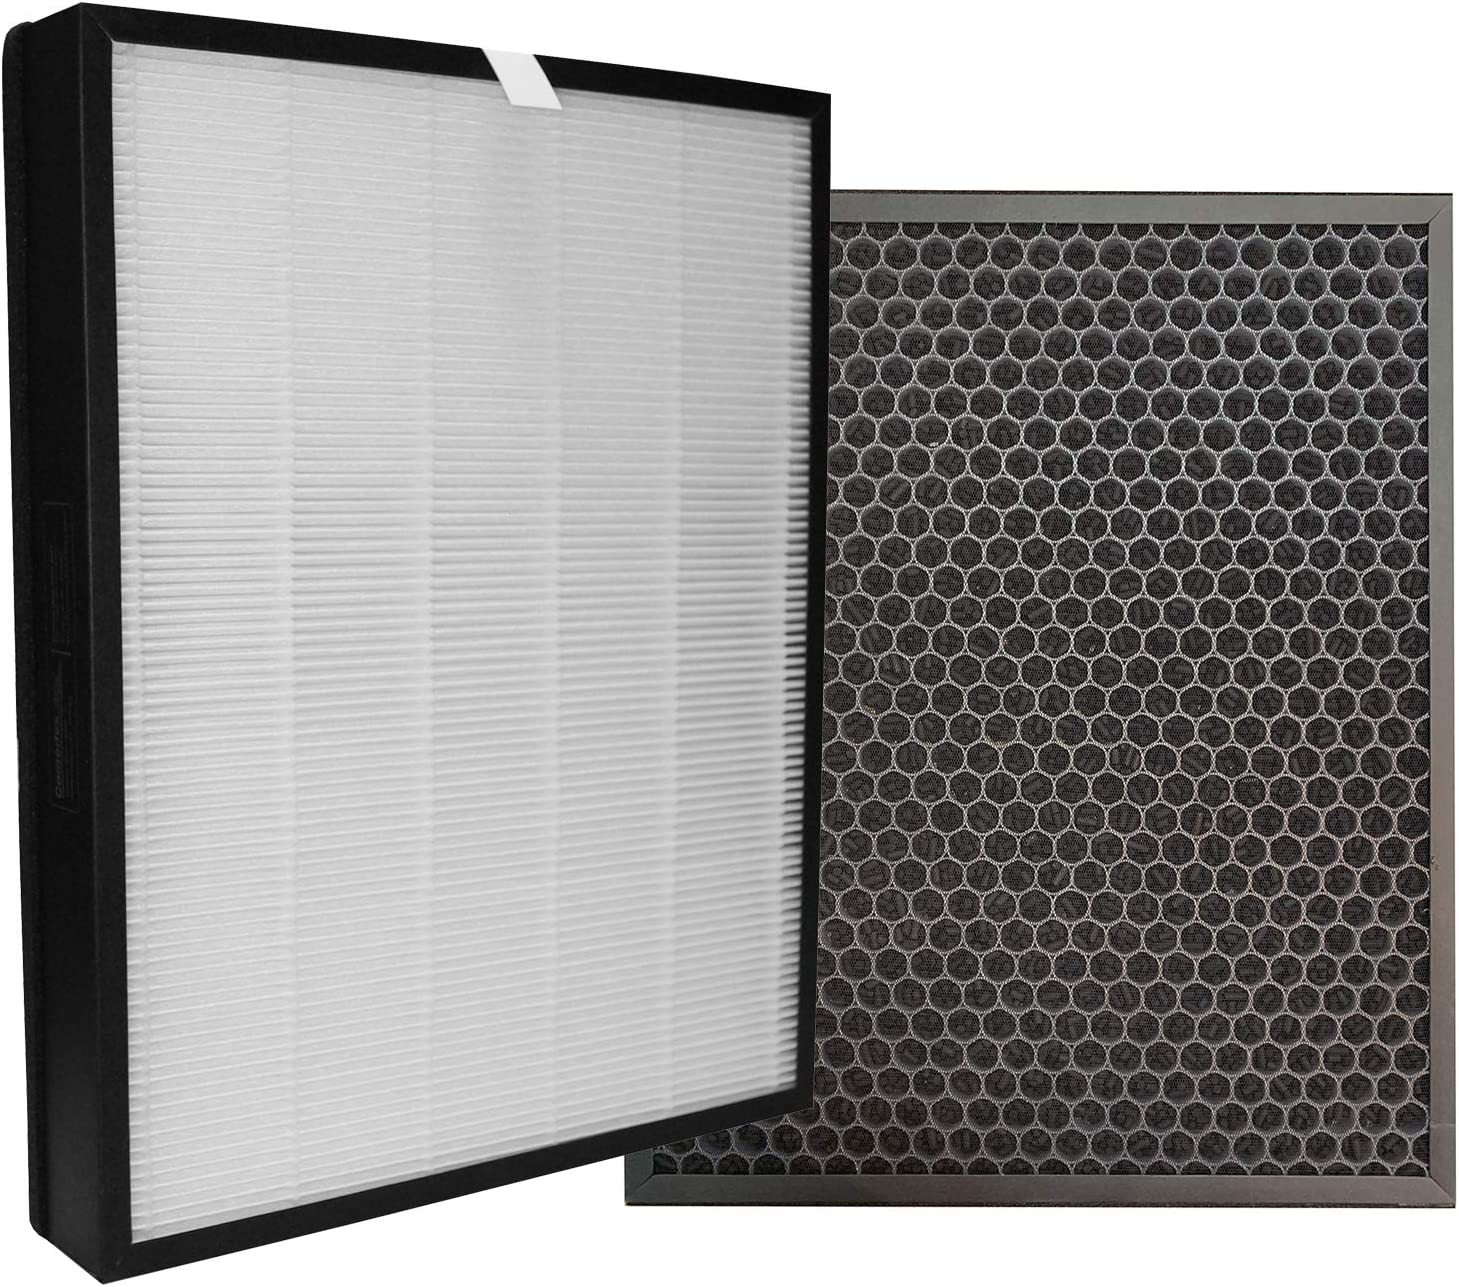 Comedes Juego de filtros de repuesto para los Philips purificador de aire AC3256/10 y AC3259/10 (Serie 3000) | HEPA y filtro de carbón activado | Utilizable en lugar de los FY3432/10 y FY3433/10